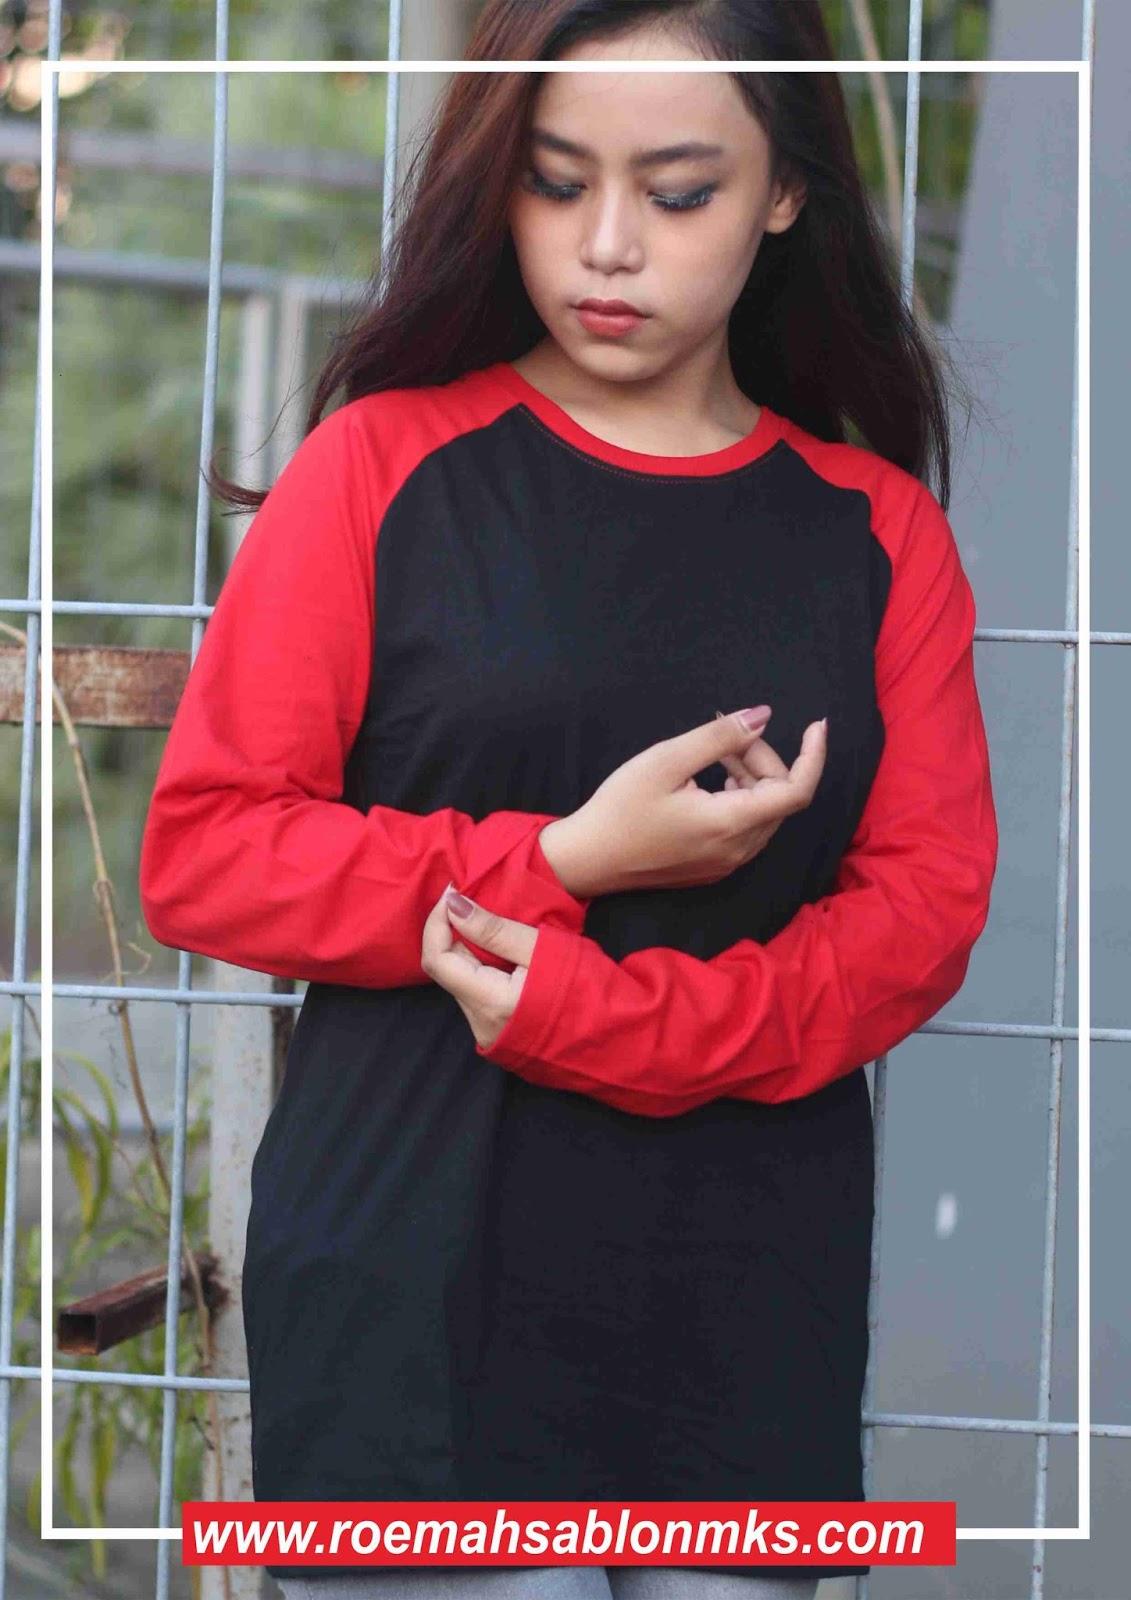 Kaos Polos warna Hitam Merah